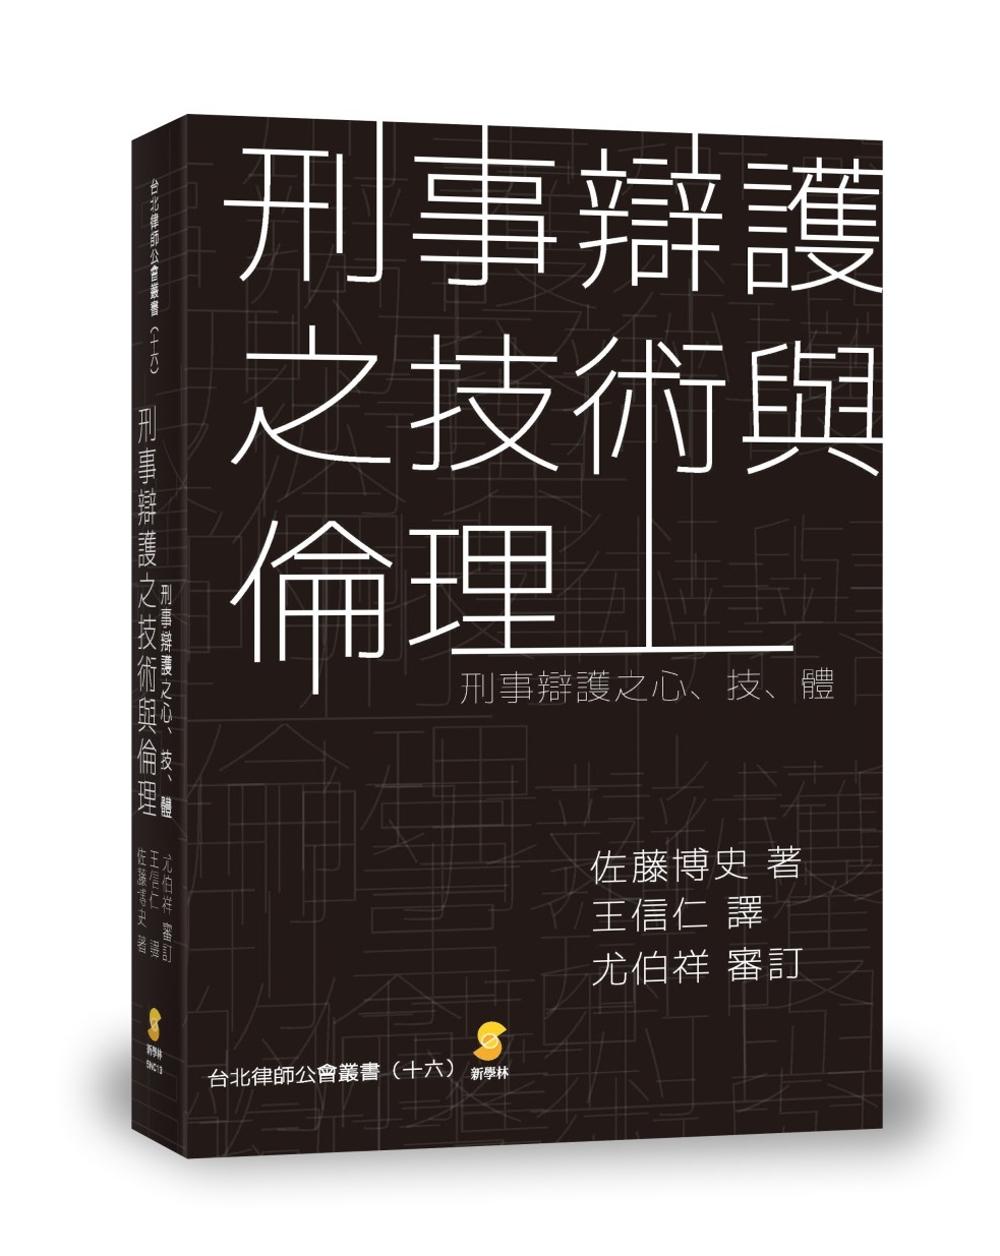 刑事辯護之技術與倫理:刑事辯護之心‧技‧體